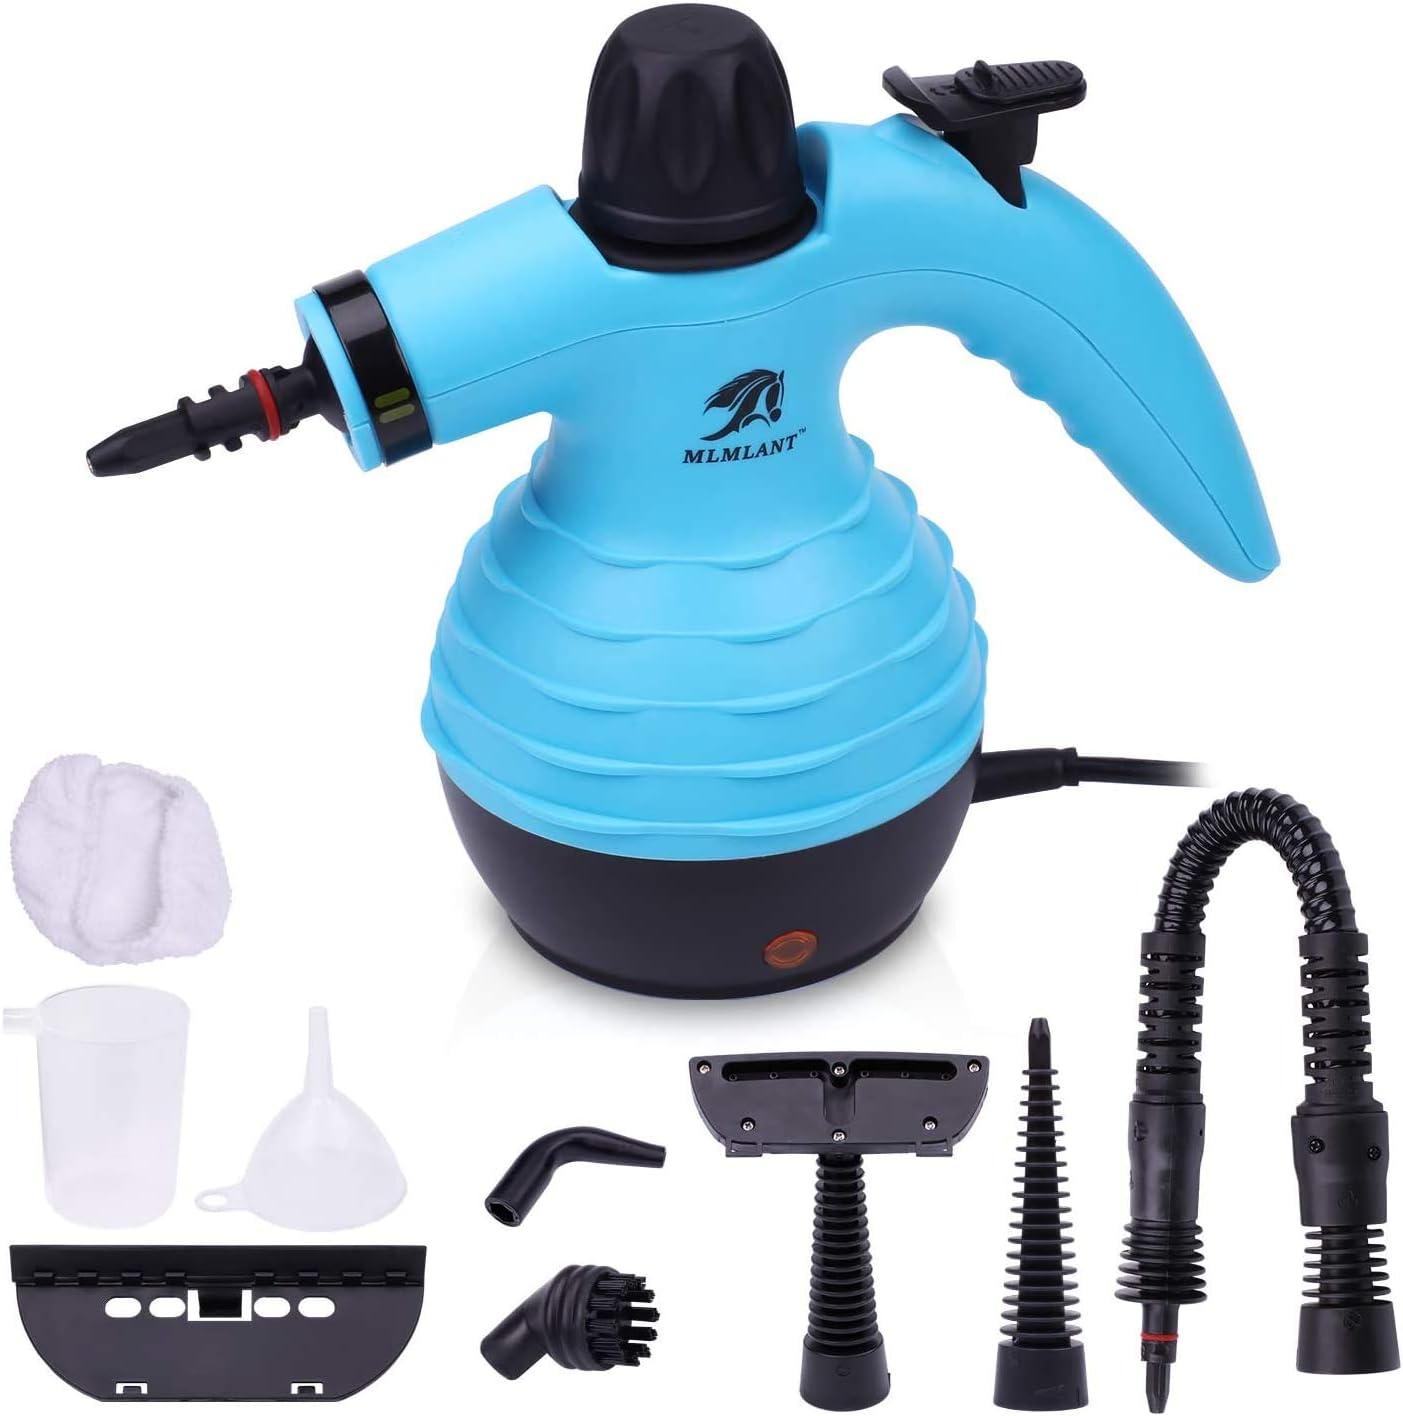 MLMLANT Multiuso Purificador Limpiador de vapor para la eliminación de manchas, alfombras, cortinas, control de errores de cama, asientos de coche (Multicolor)